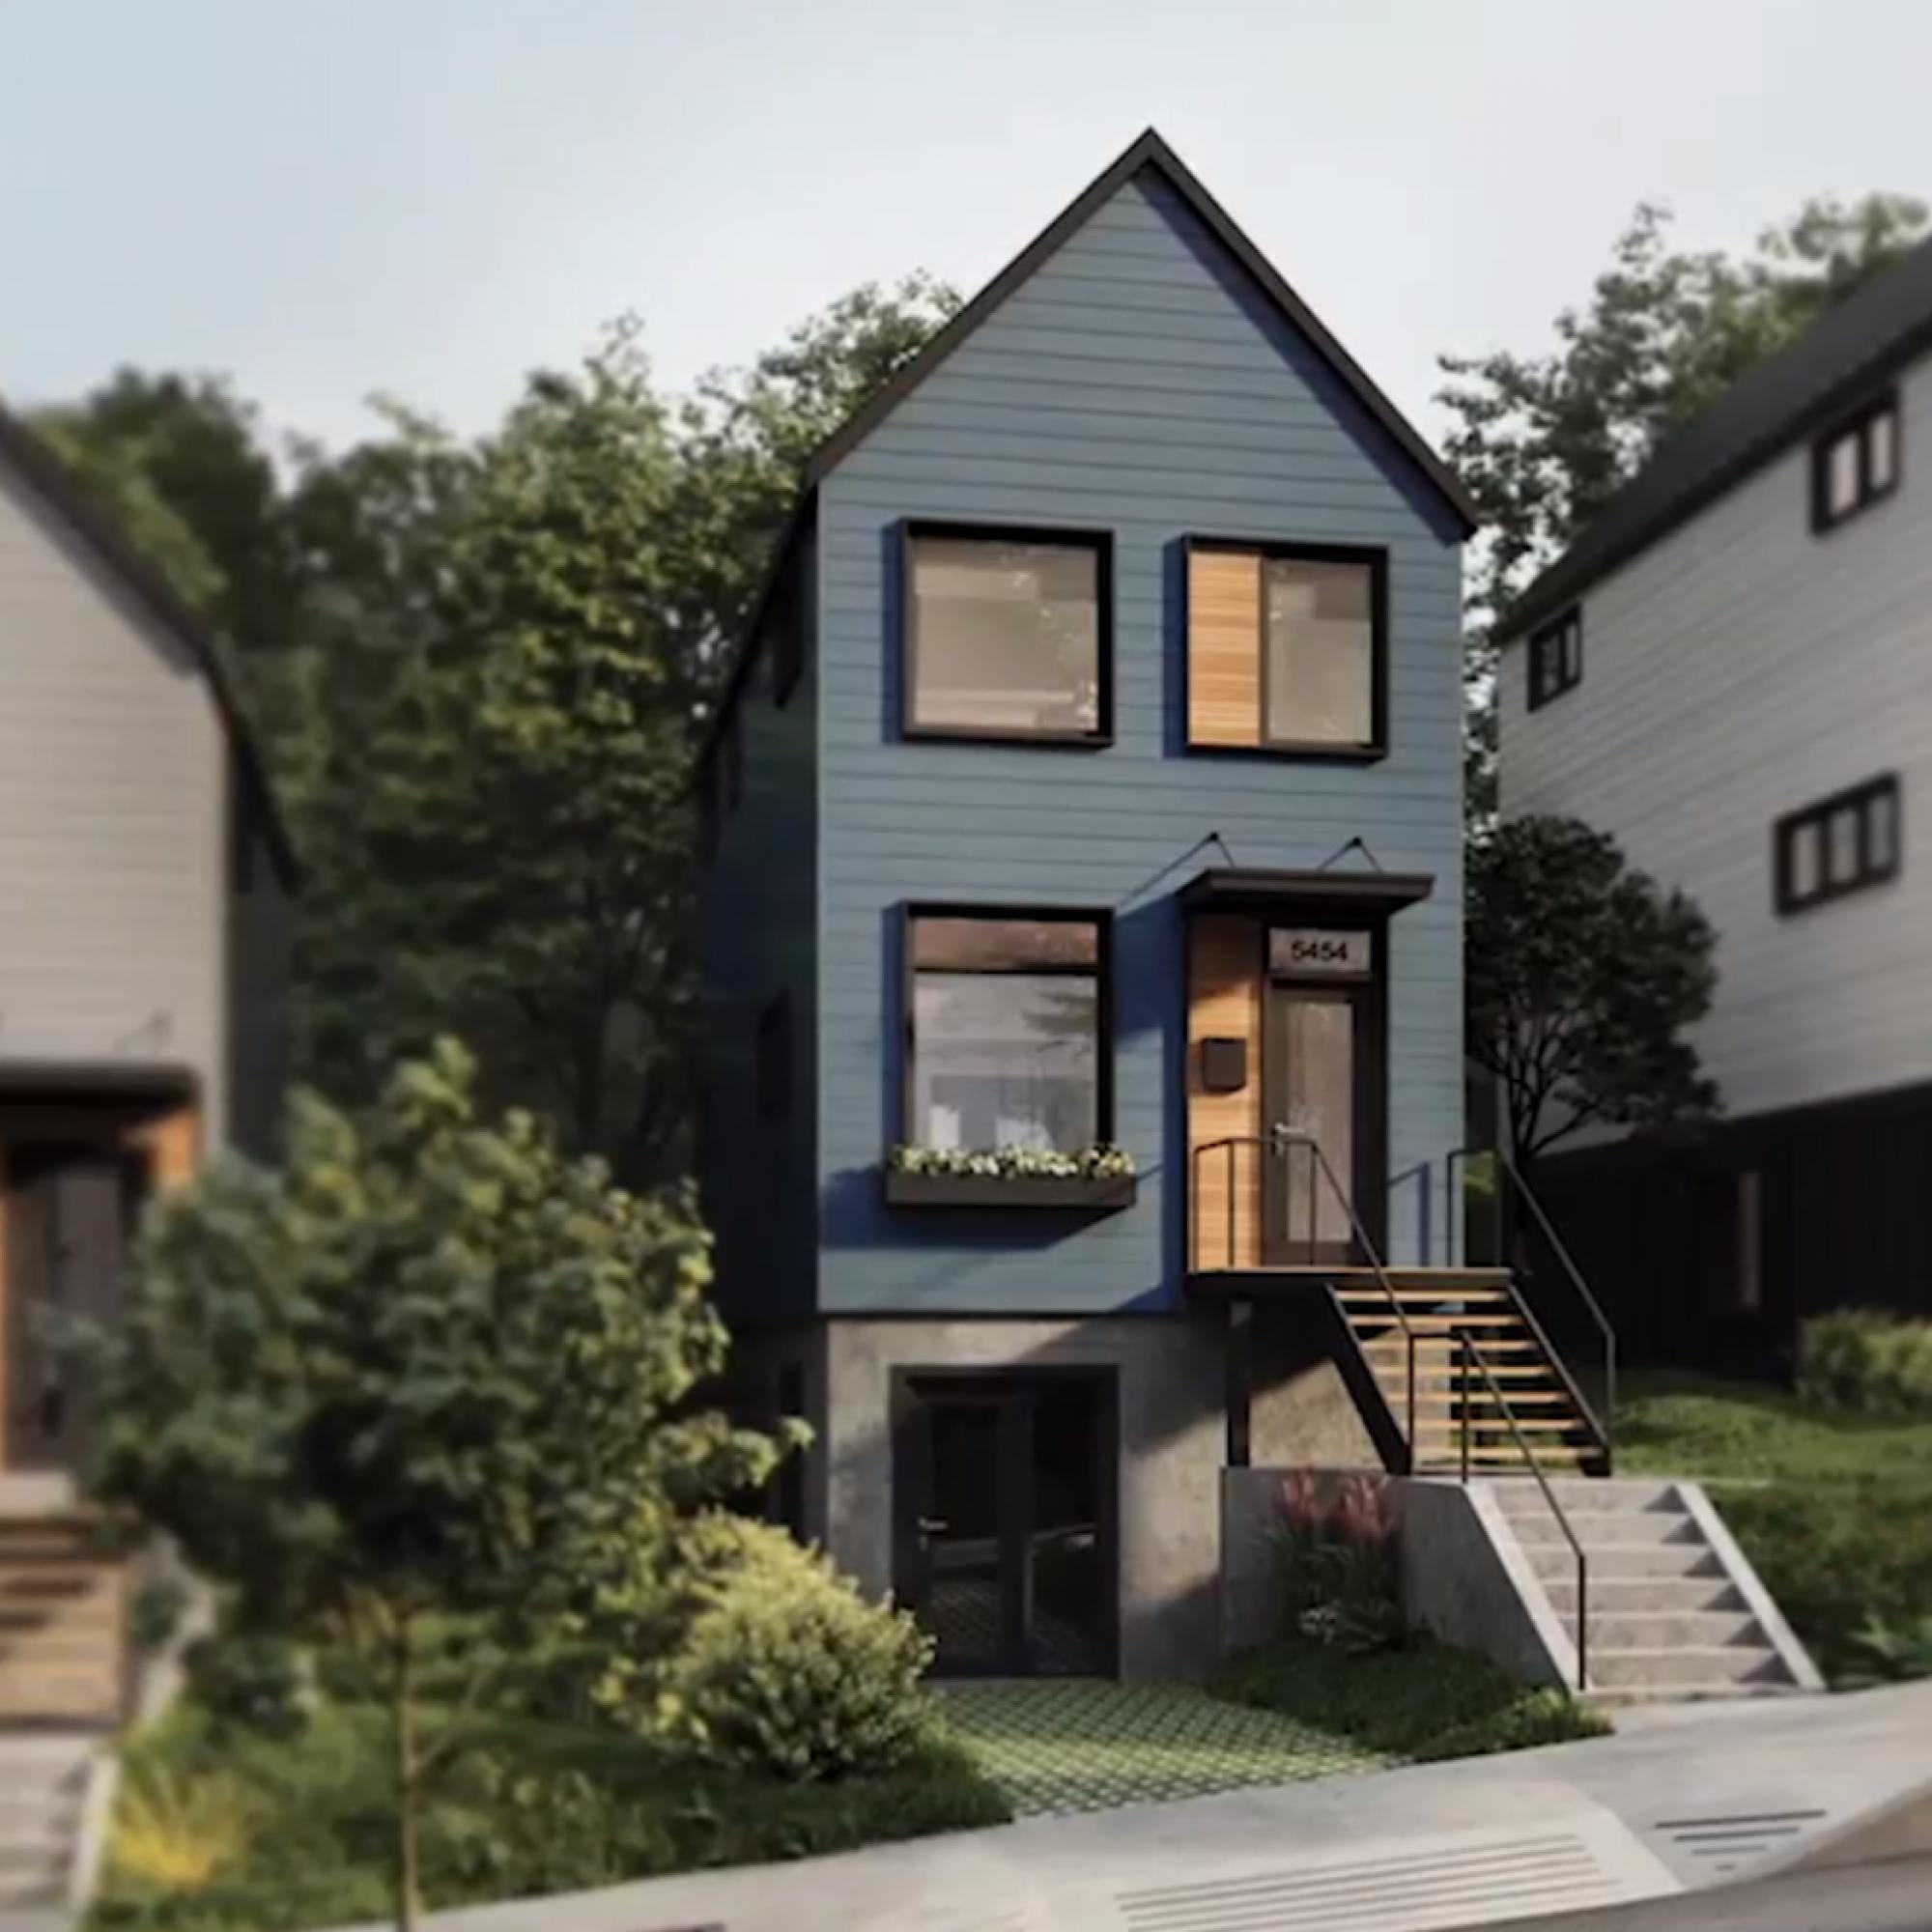 Eigenheime, die mitwachsen: So baut der US-Anbieter Module Design Inc. seine Lego-ähnlichen Kleinhäuser.